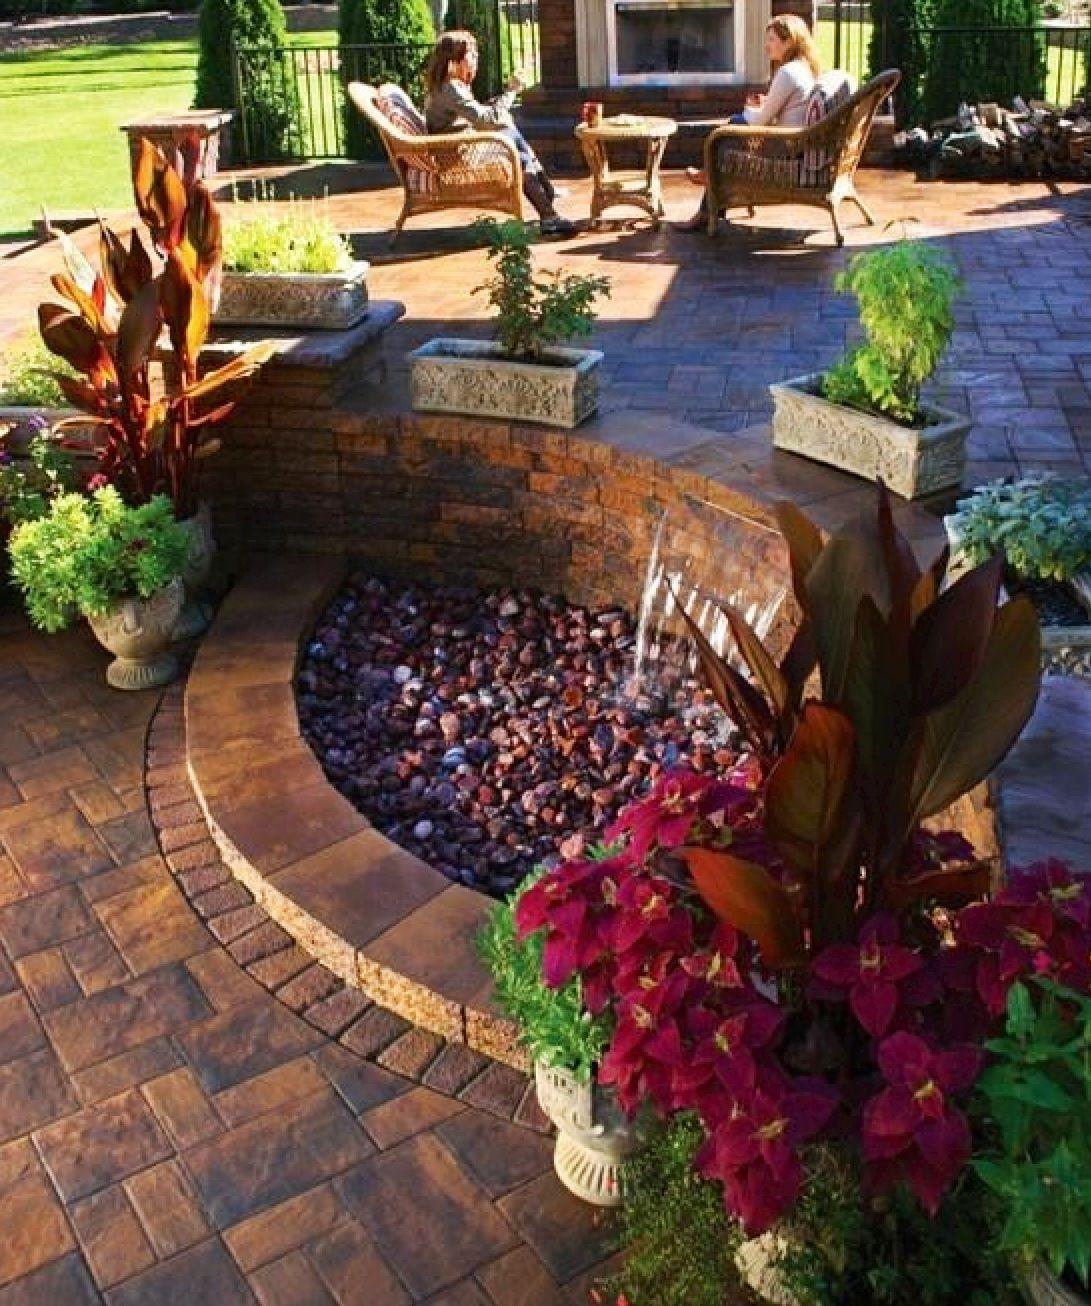 Fuente dise o pinterest terraza jardin jardines y hogar - Fuente terraza ...